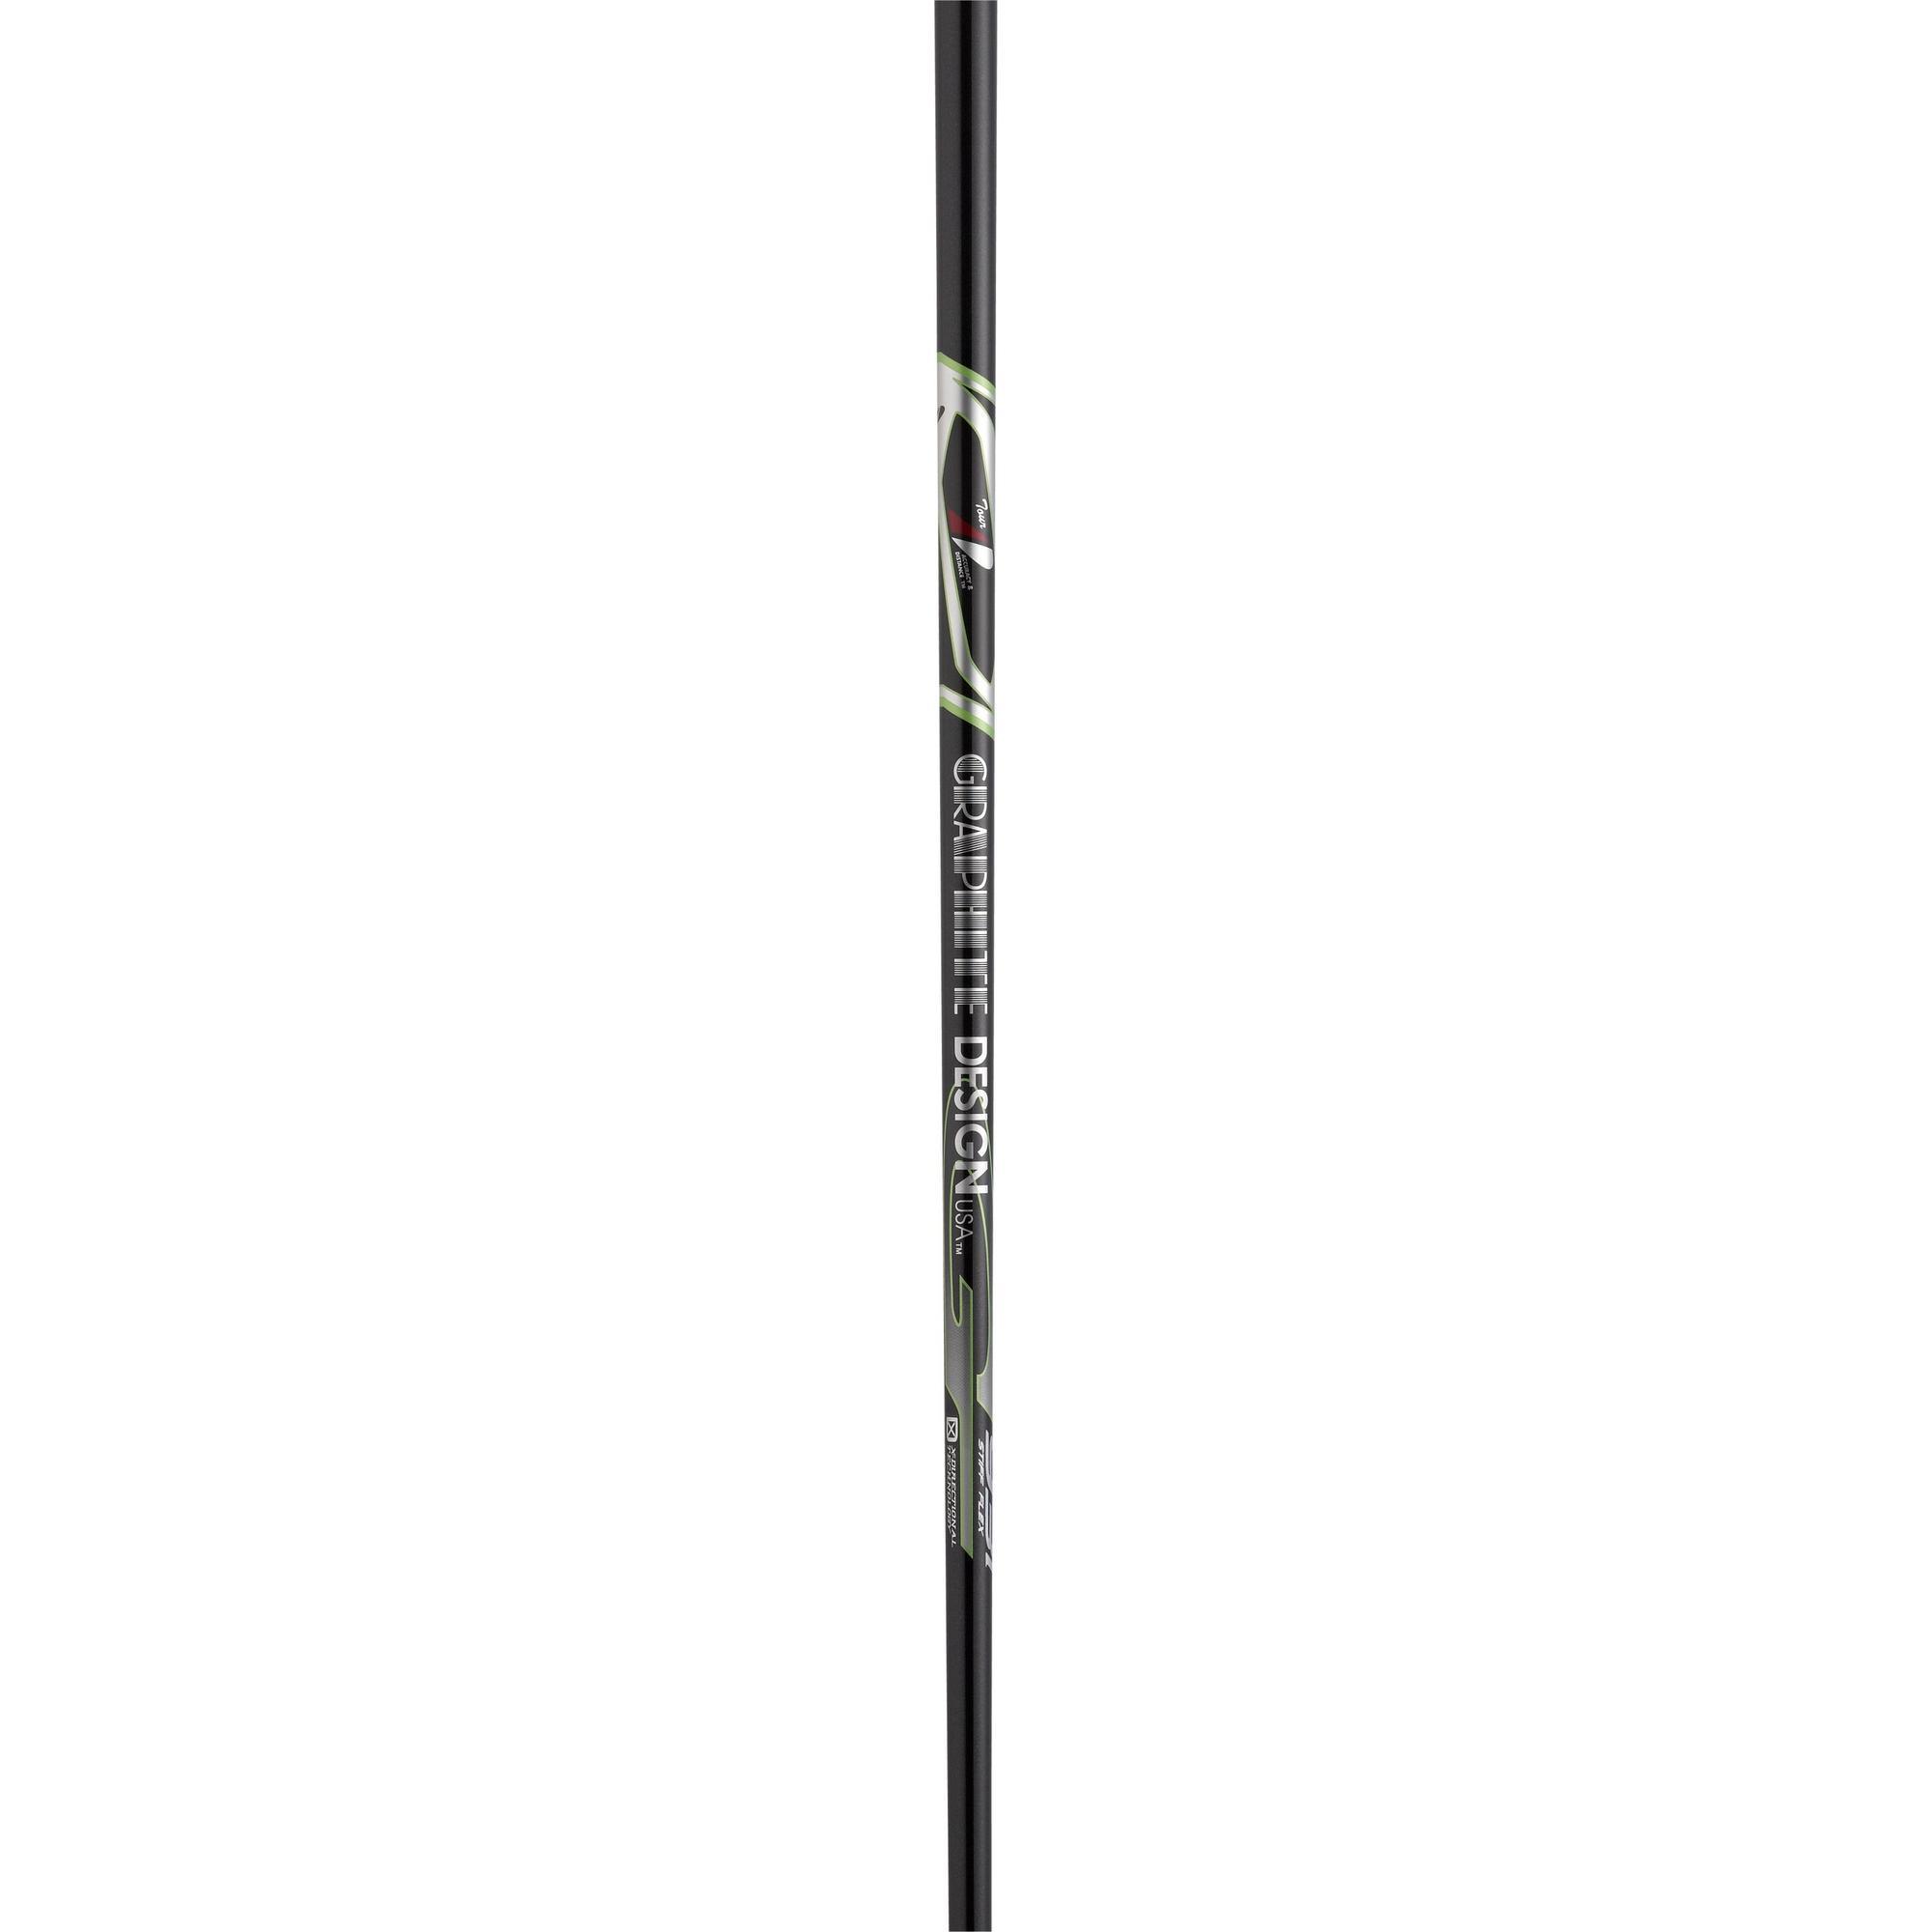 G-Series 93 .370 Graphite Iron Shaft